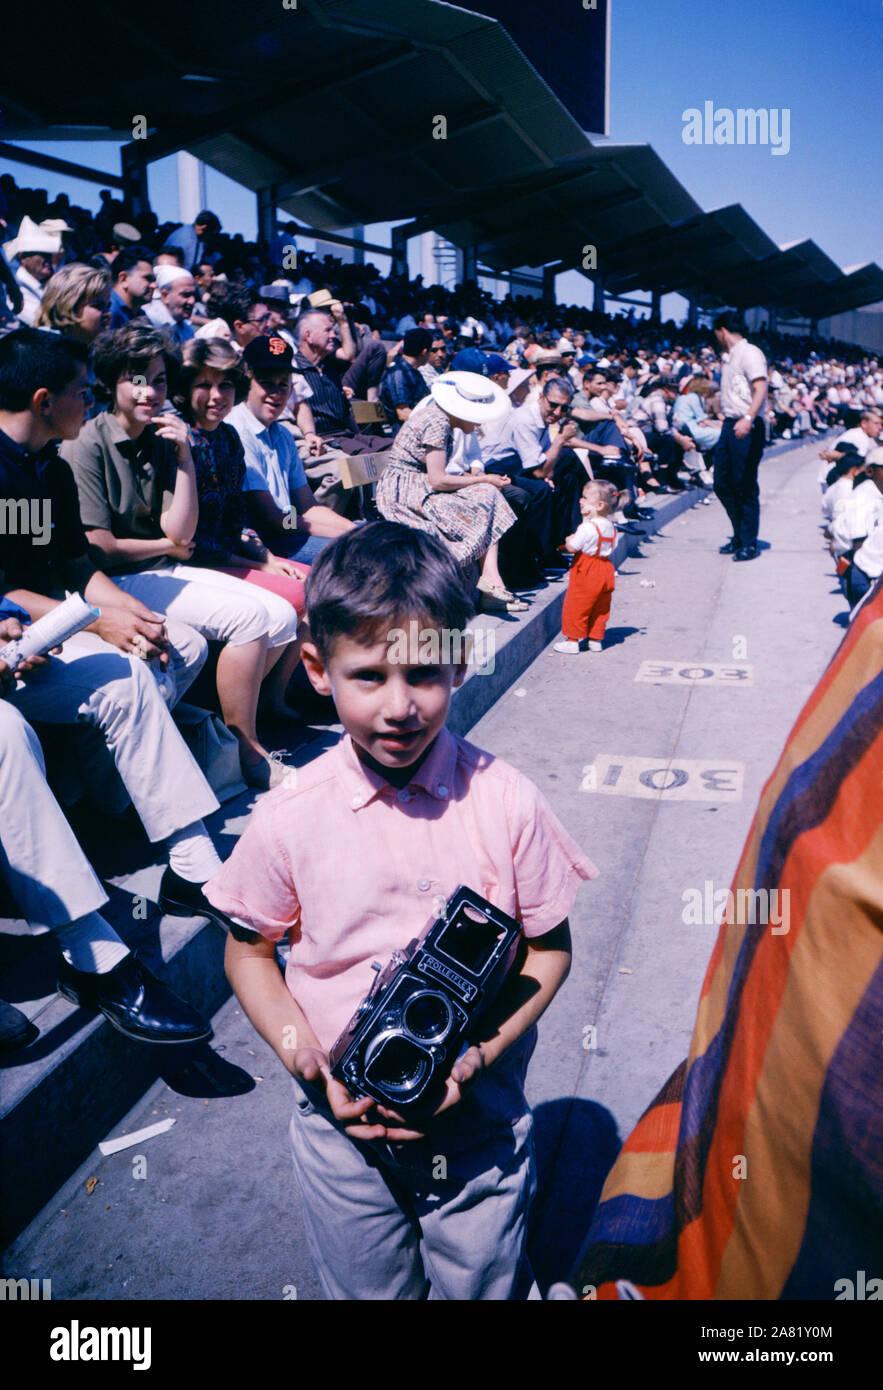 LOS ANGELES, CA - 15 de junio: Un niño pequeño tiene una cámara en el pabellón durante los Houston Colt 45's y Los Angeles Dodgers juego el 15 de junio de 1962 en el Dodger Stadium en Los Angeles, California. (Foto por Hy Peskin) Foto de stock